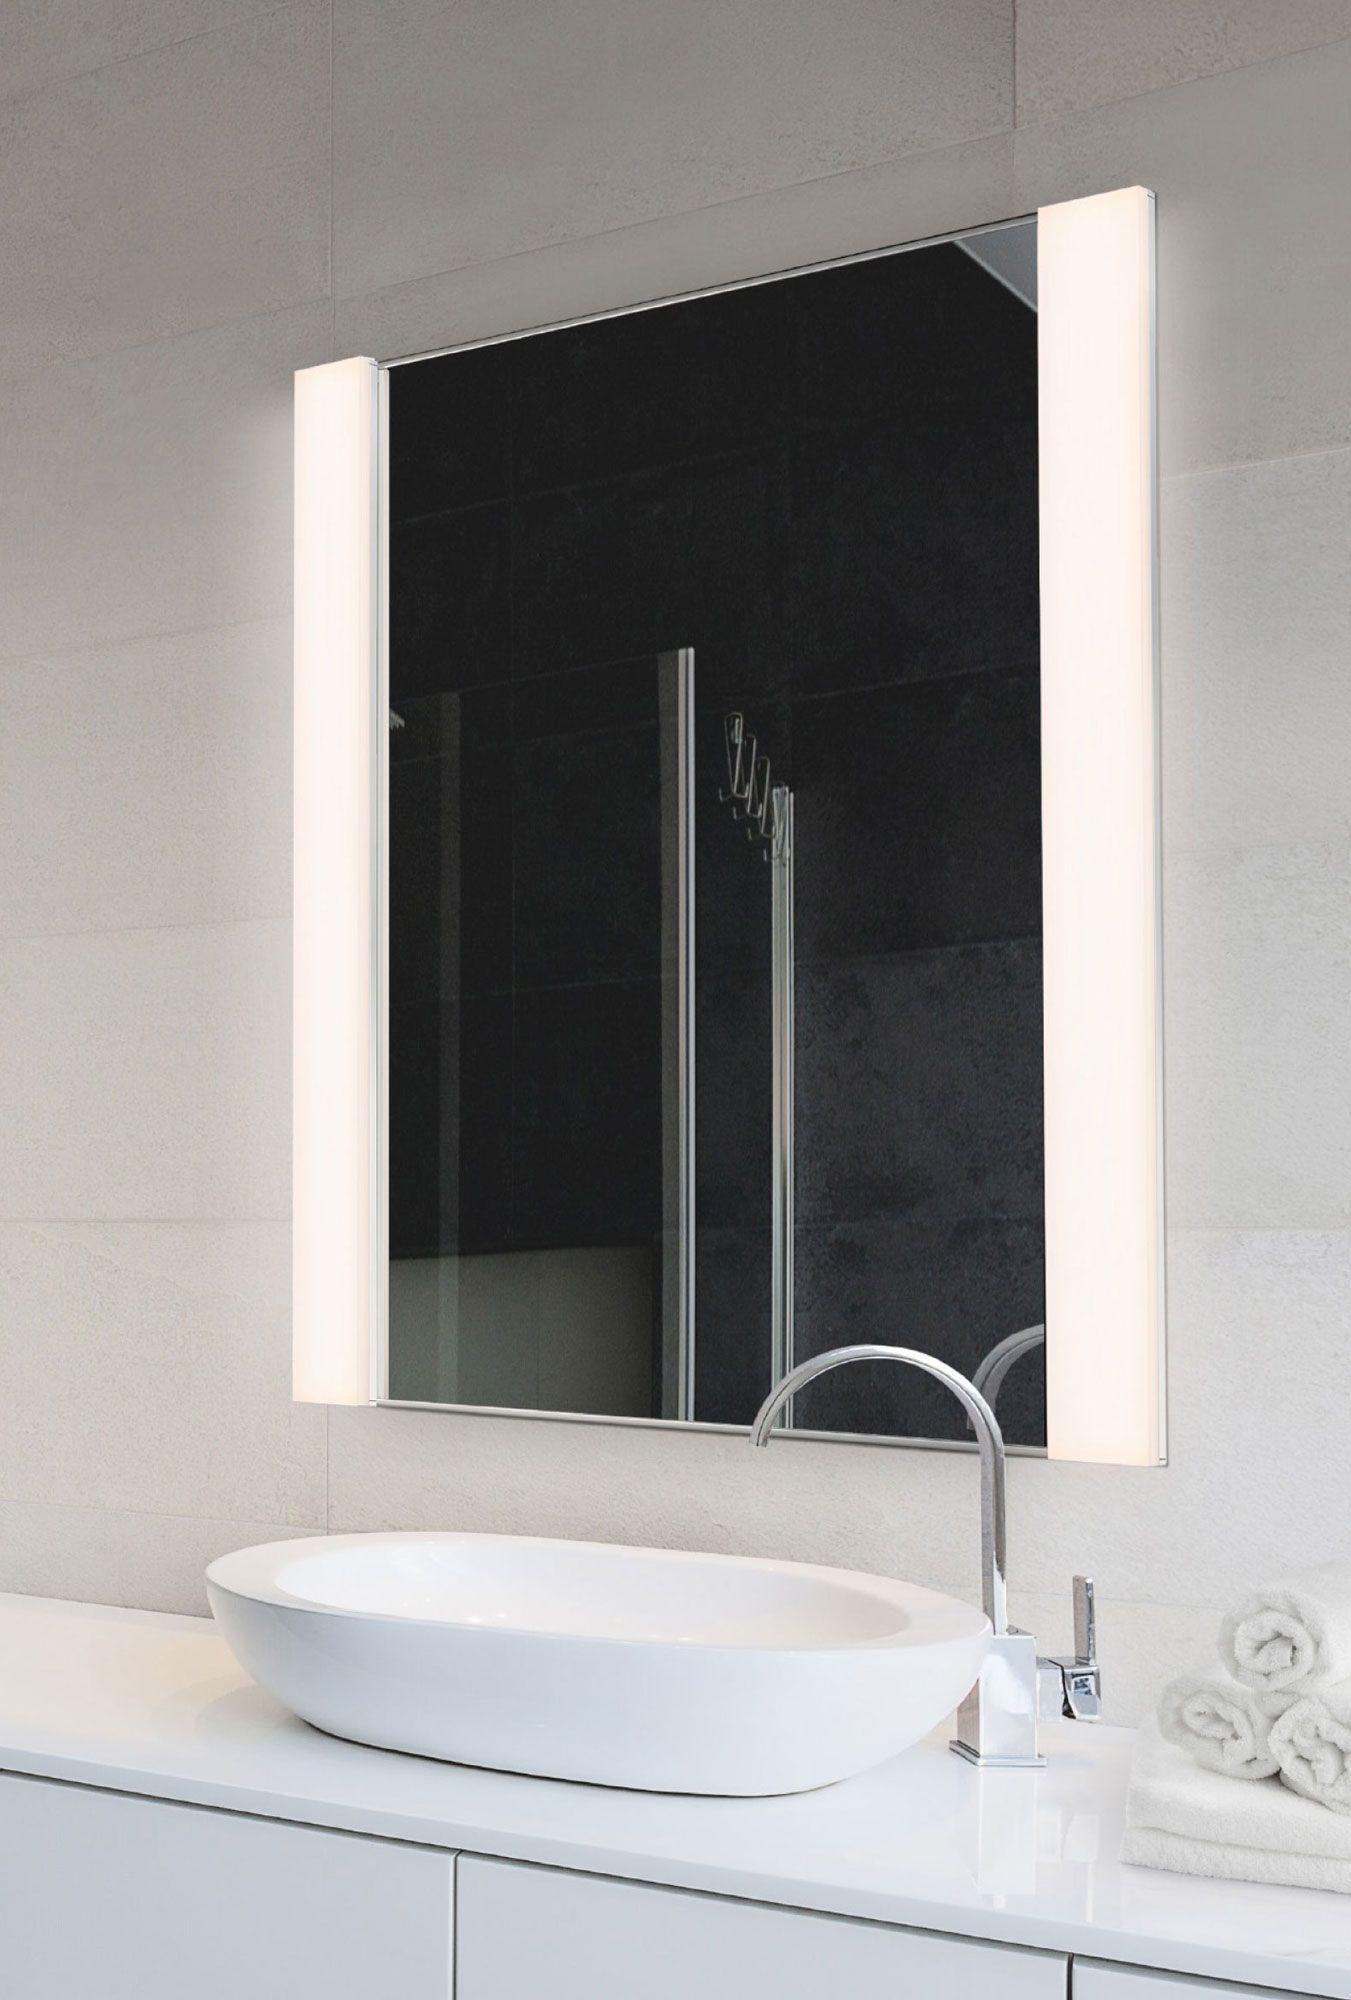 Vanity Vertical Mirror Kit By Sonneman A Way Of Light